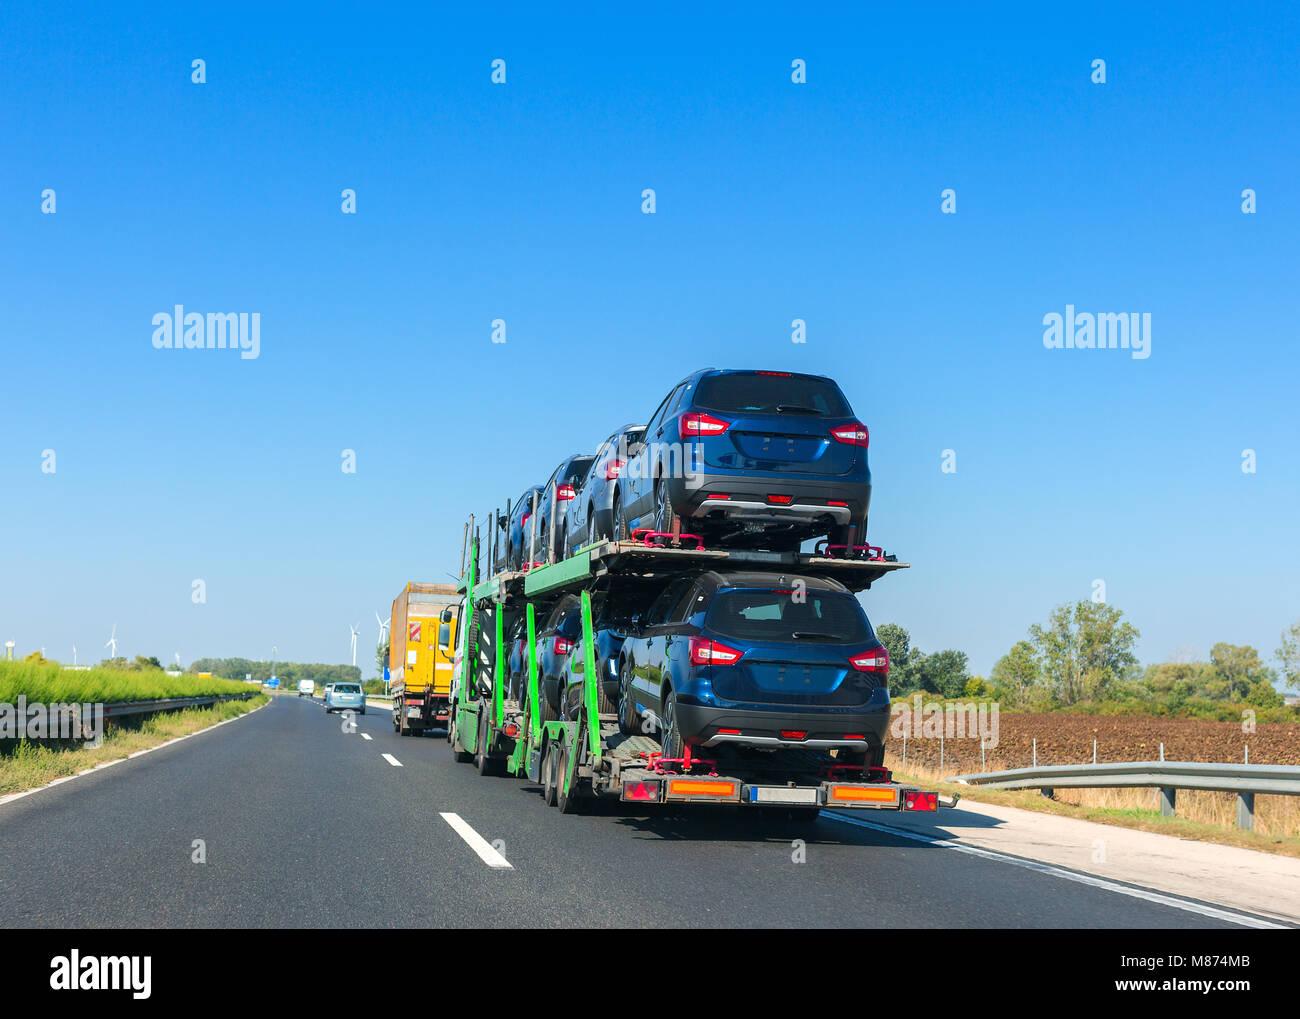 Etagenbett Cars : Big car carrier anhänger mit autos auf einem etagenbett plattform